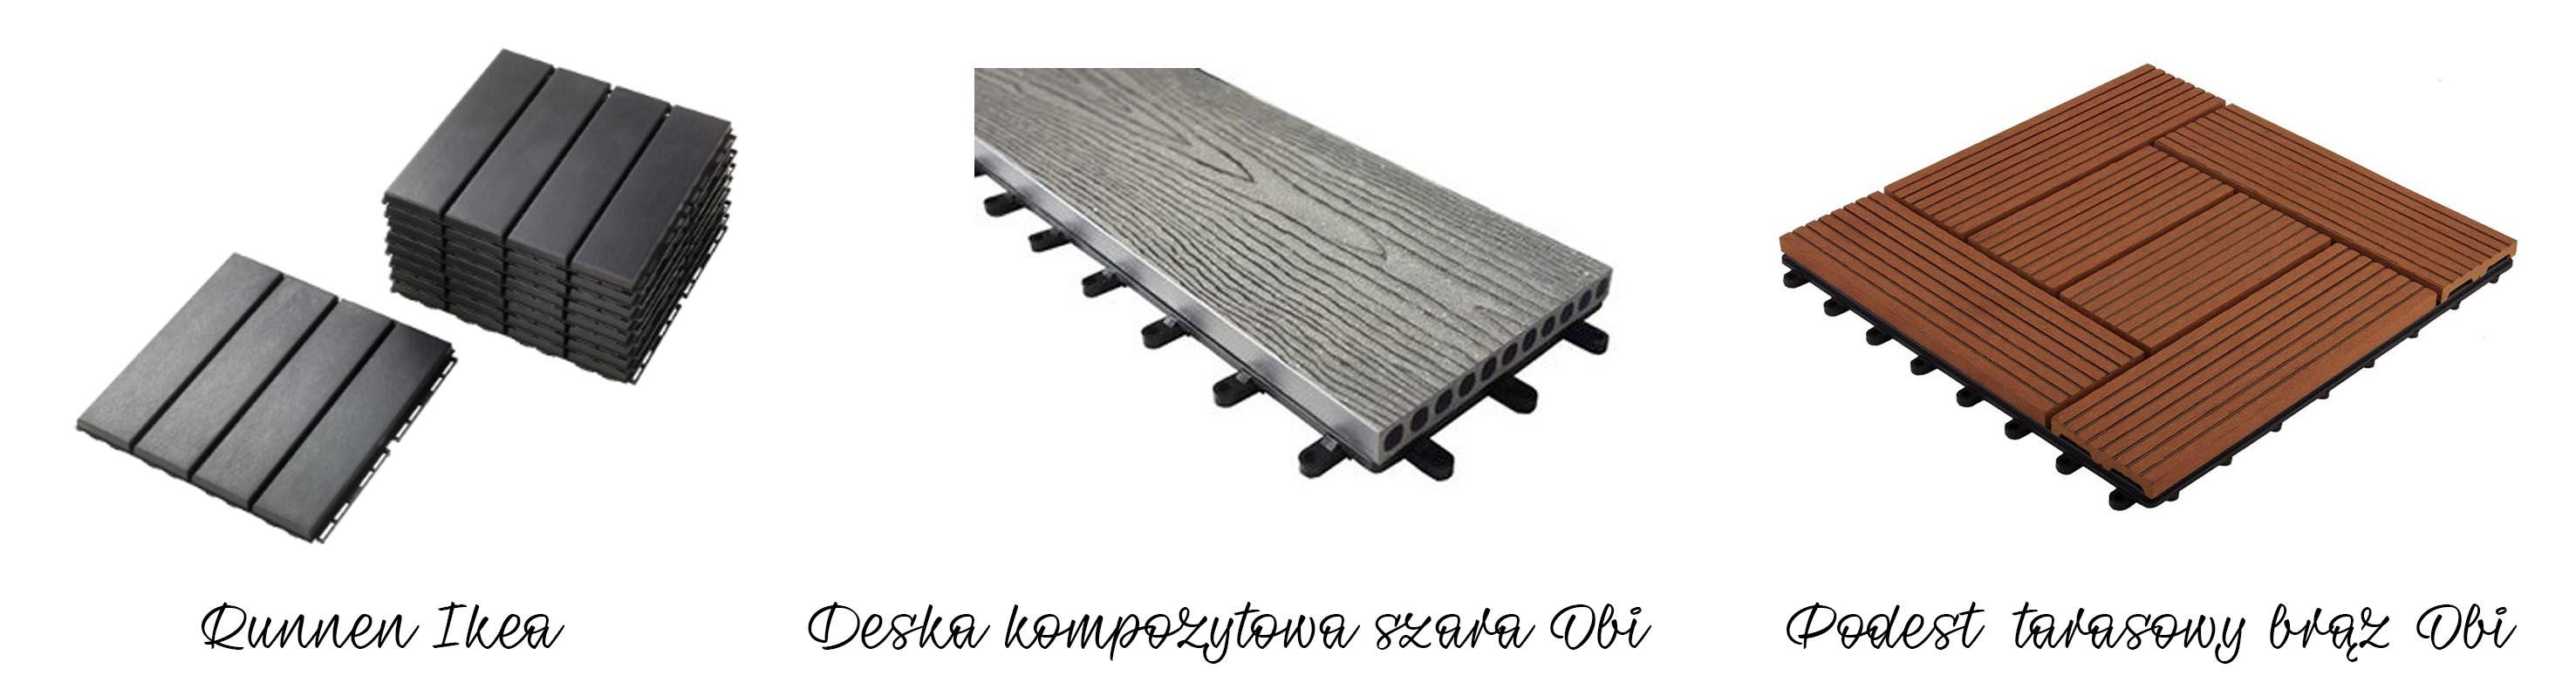 Aranżacja Balkonu Podłoga ściany Osłona Barierki